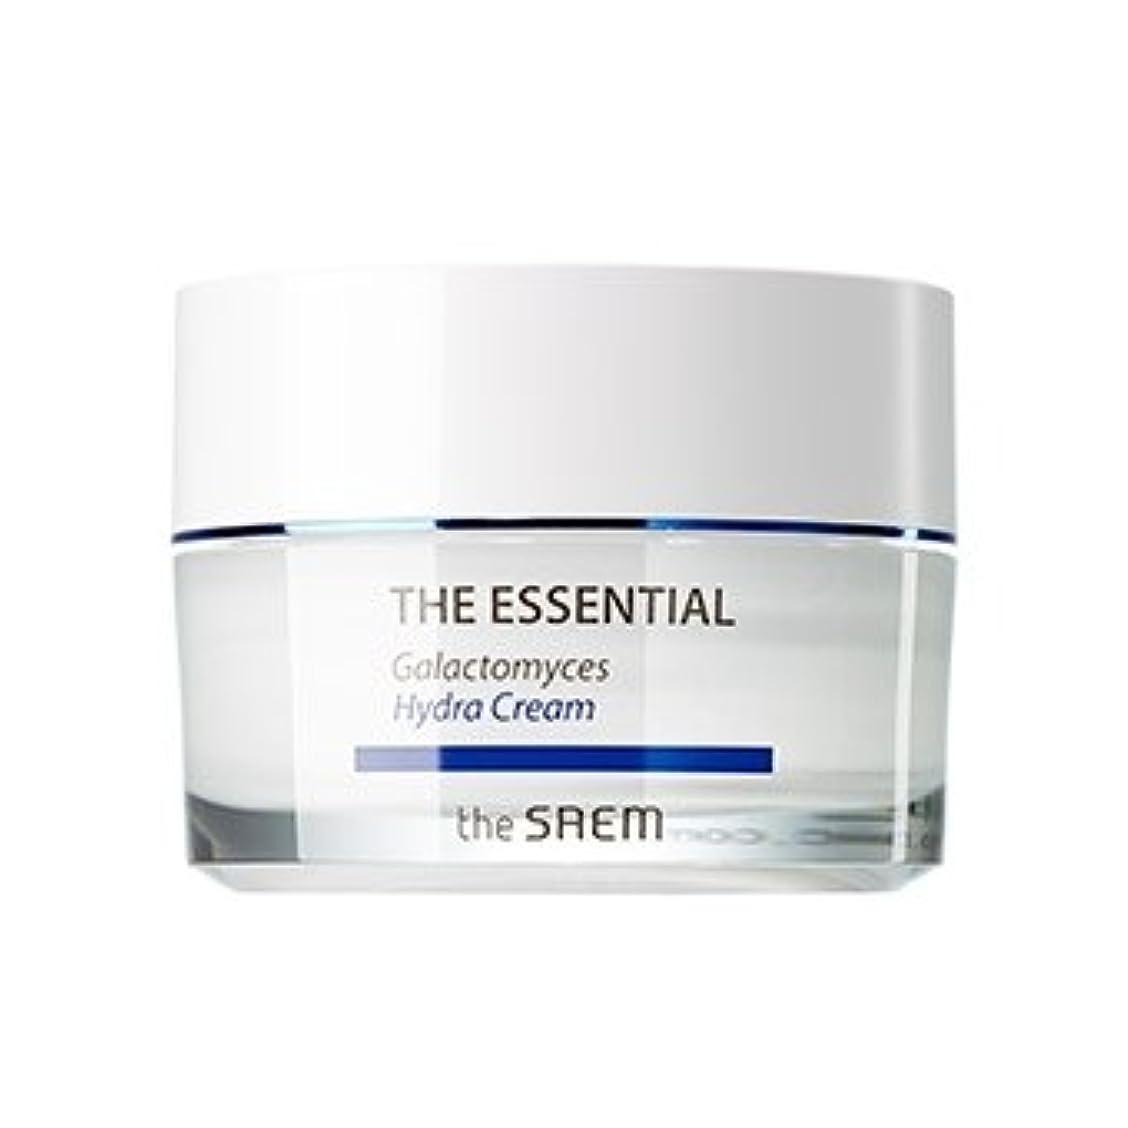 ダイアクリティカルパーチナシティトランスペアレントthe SAEM The Essential Galactomyces Hydra Cream 50ml/ザセム ザ エッセンシャル ガラクトミセス ハイドラ クリーム 50ml [並行輸入品]